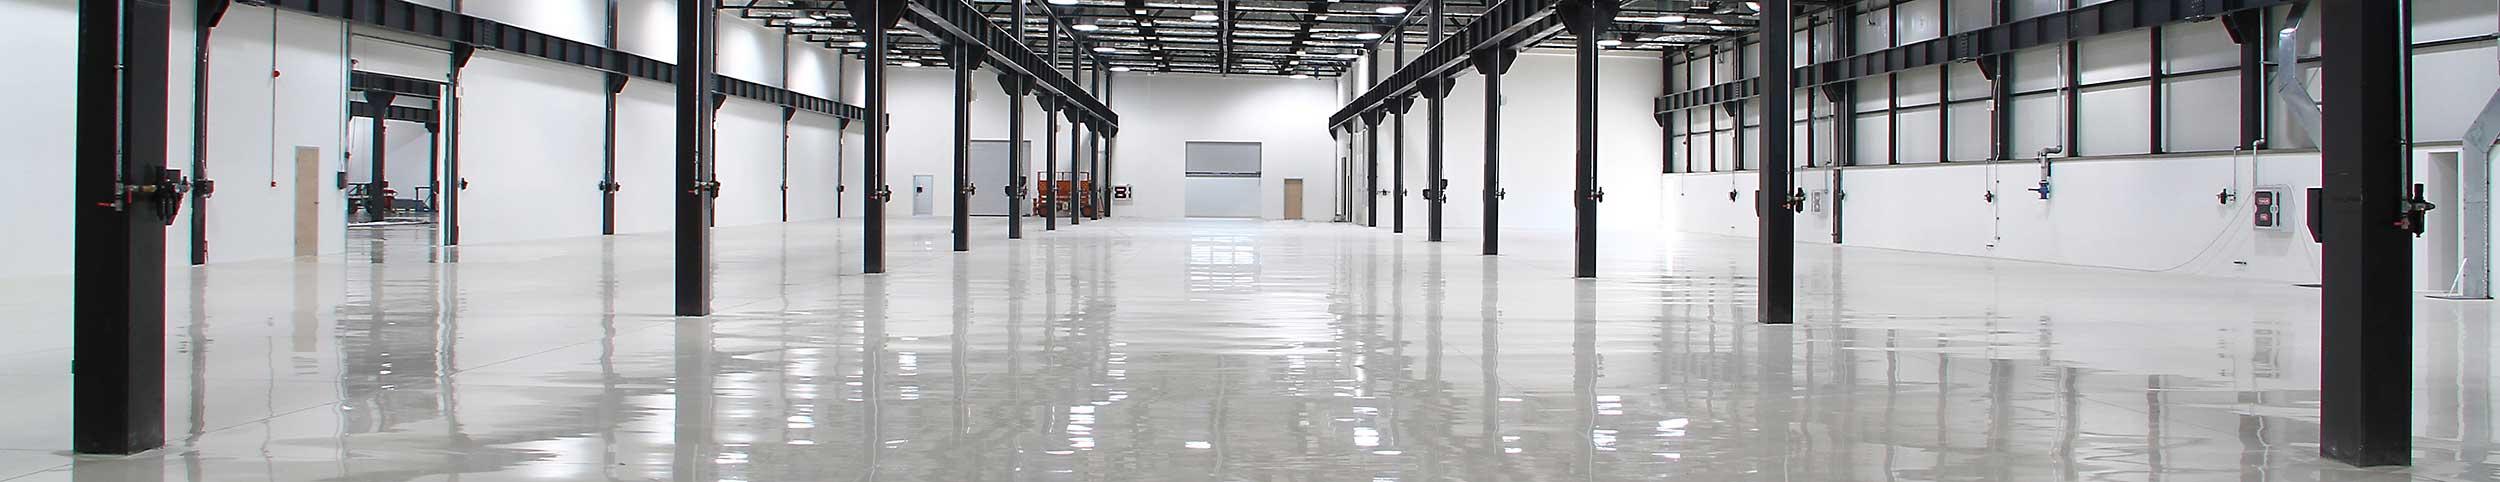 Euro Prot S.A. de C.V. - pisos industriales